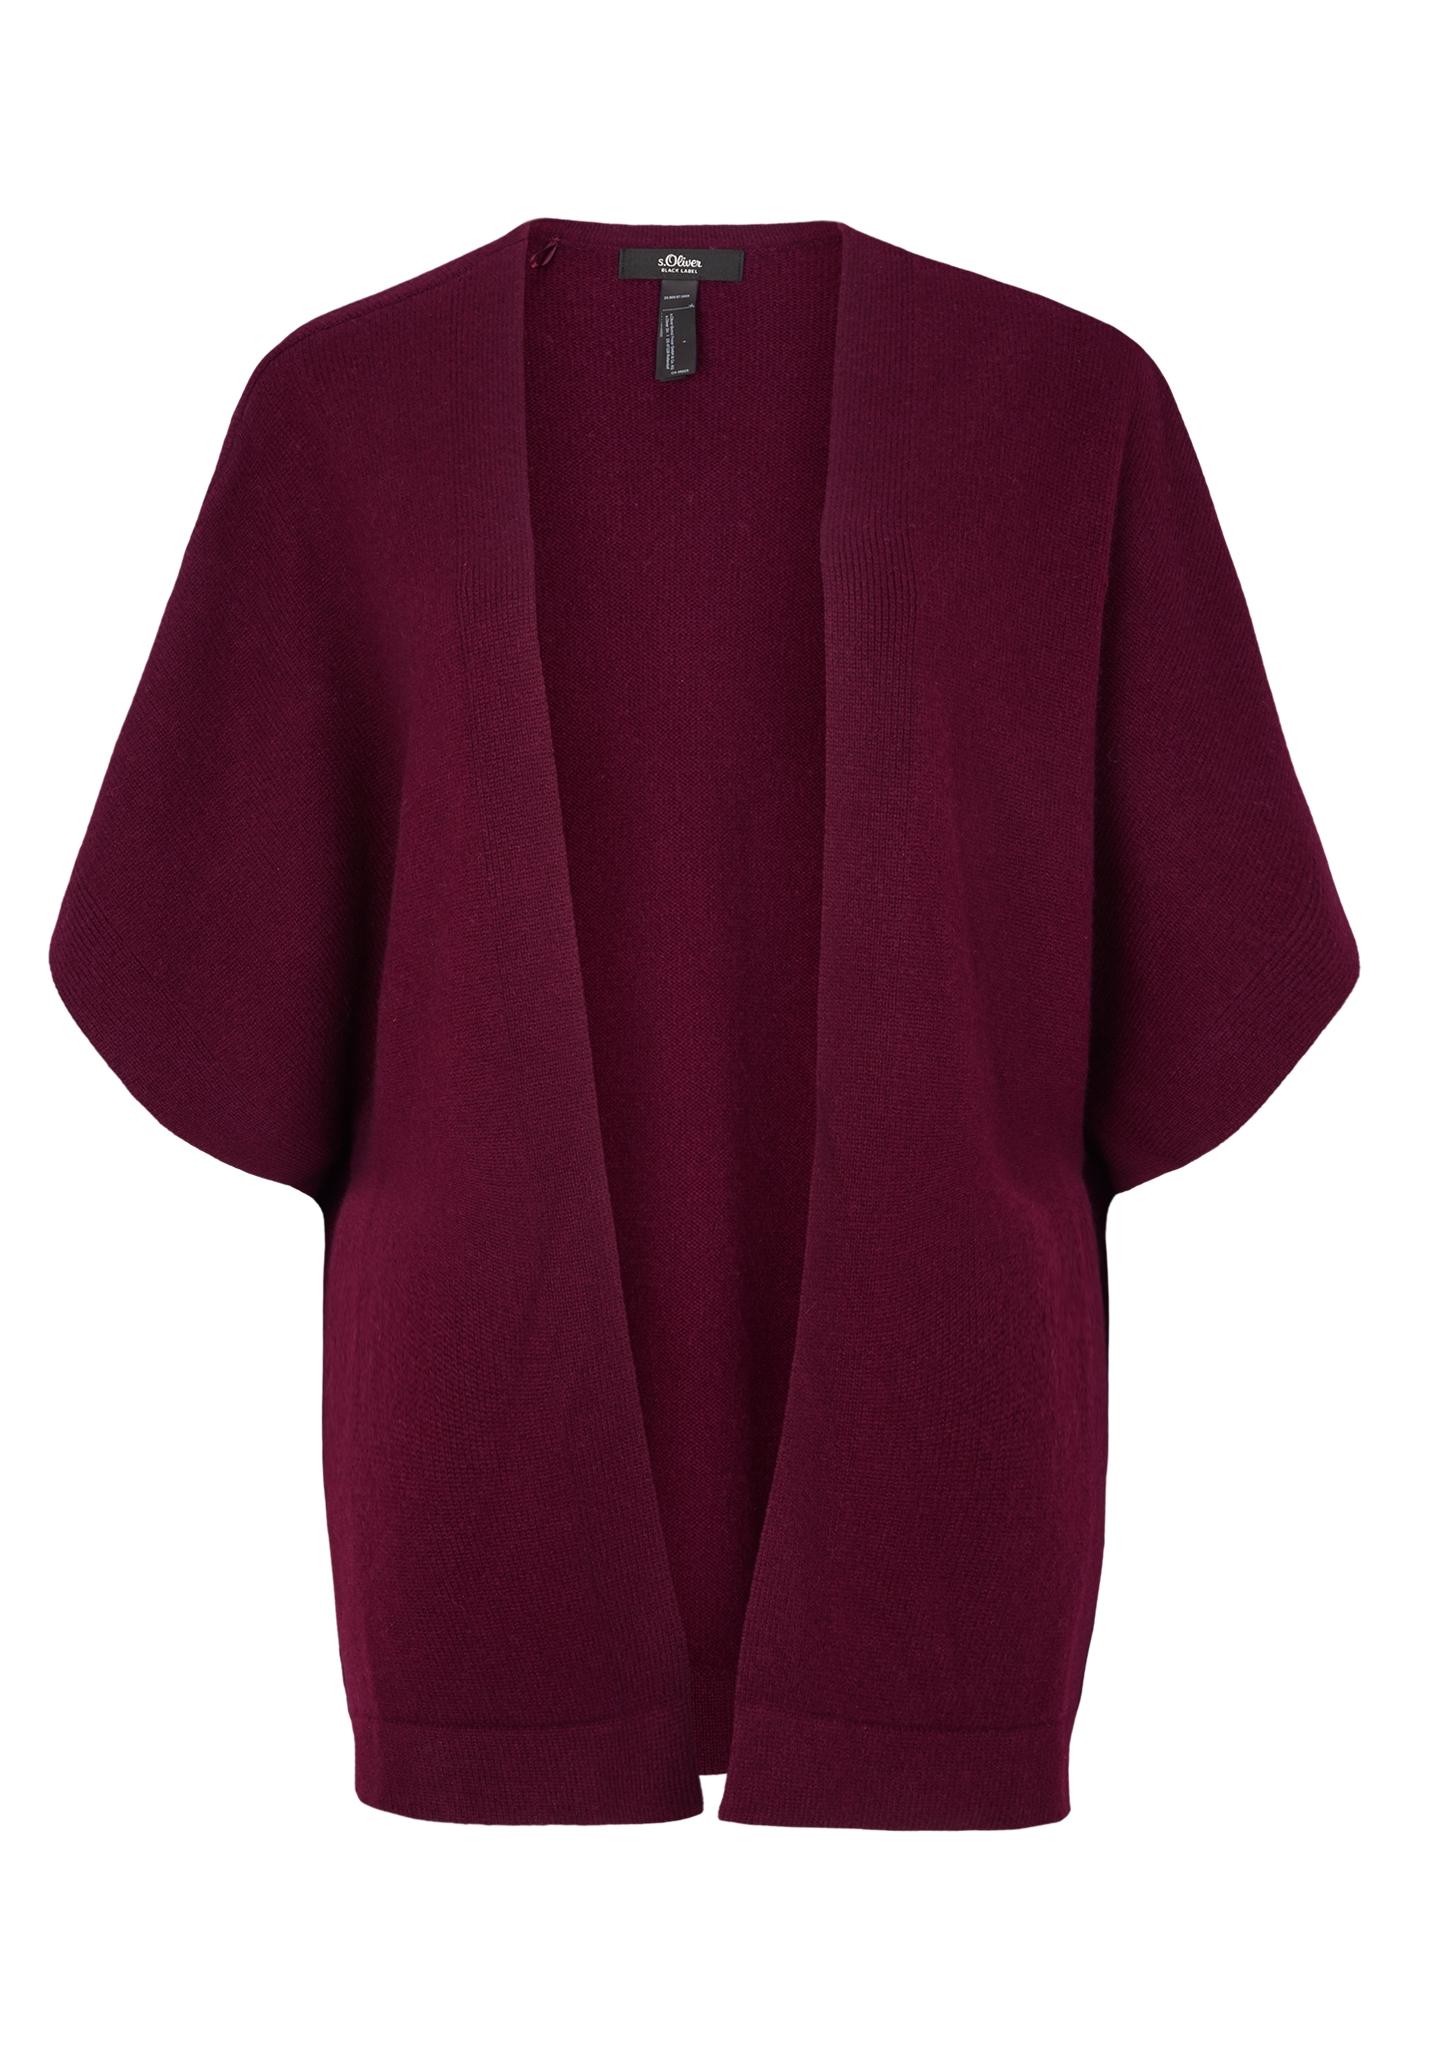 Kaschmir-Poncho | Bekleidung > Pullover > Ponchos & Capes | Pink | 100% kaschmir | s.Oliver BLACK LABEL